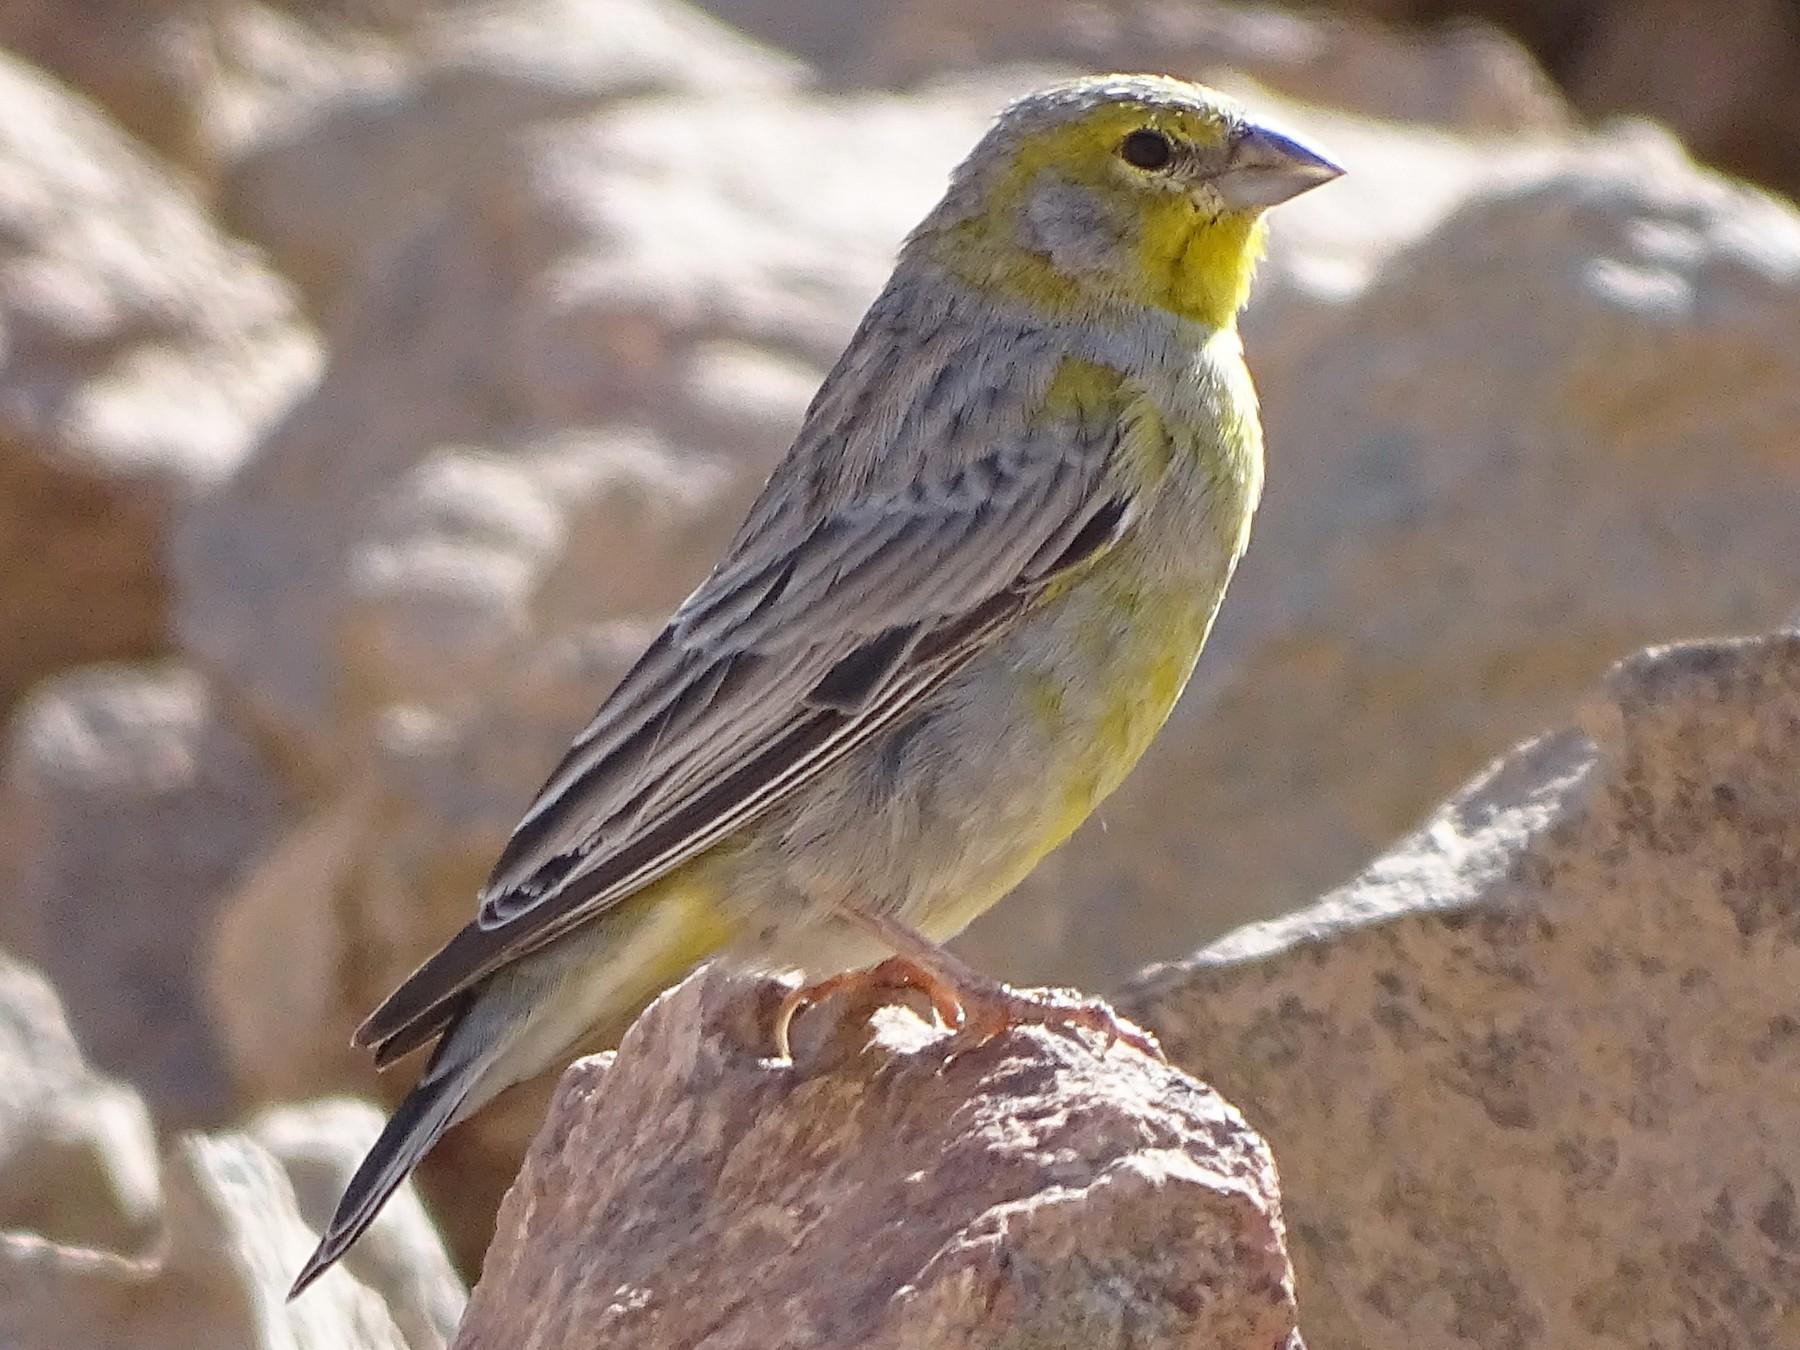 Raimondi's Yellow-Finch - Charly Moreno Taucare